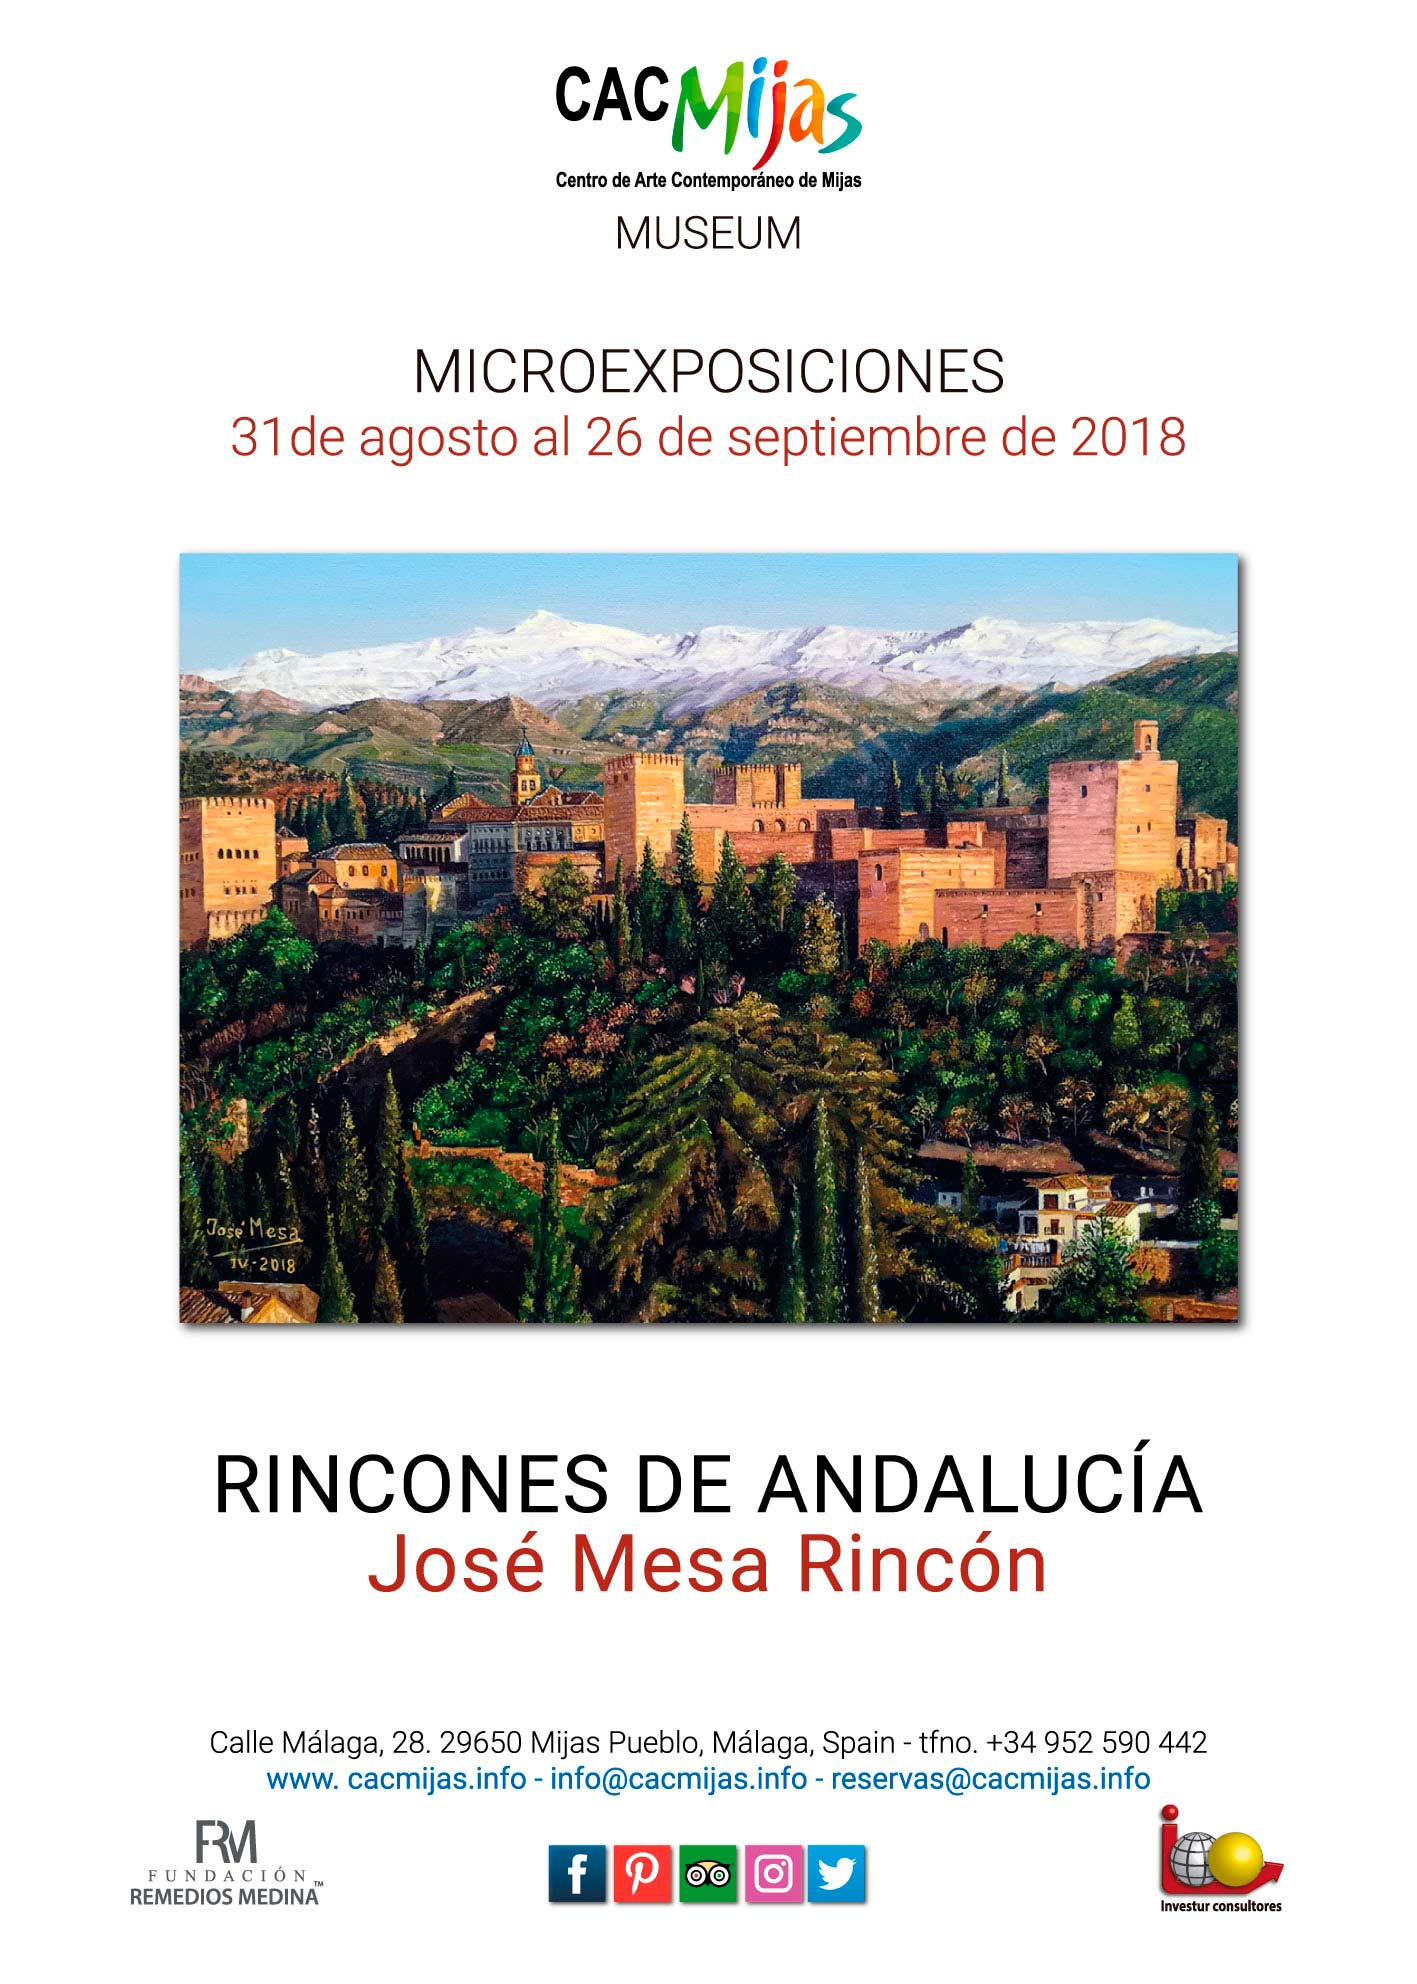 JOSÉ MESA RINCÓN. RINCONES DE ANDALUCÍA